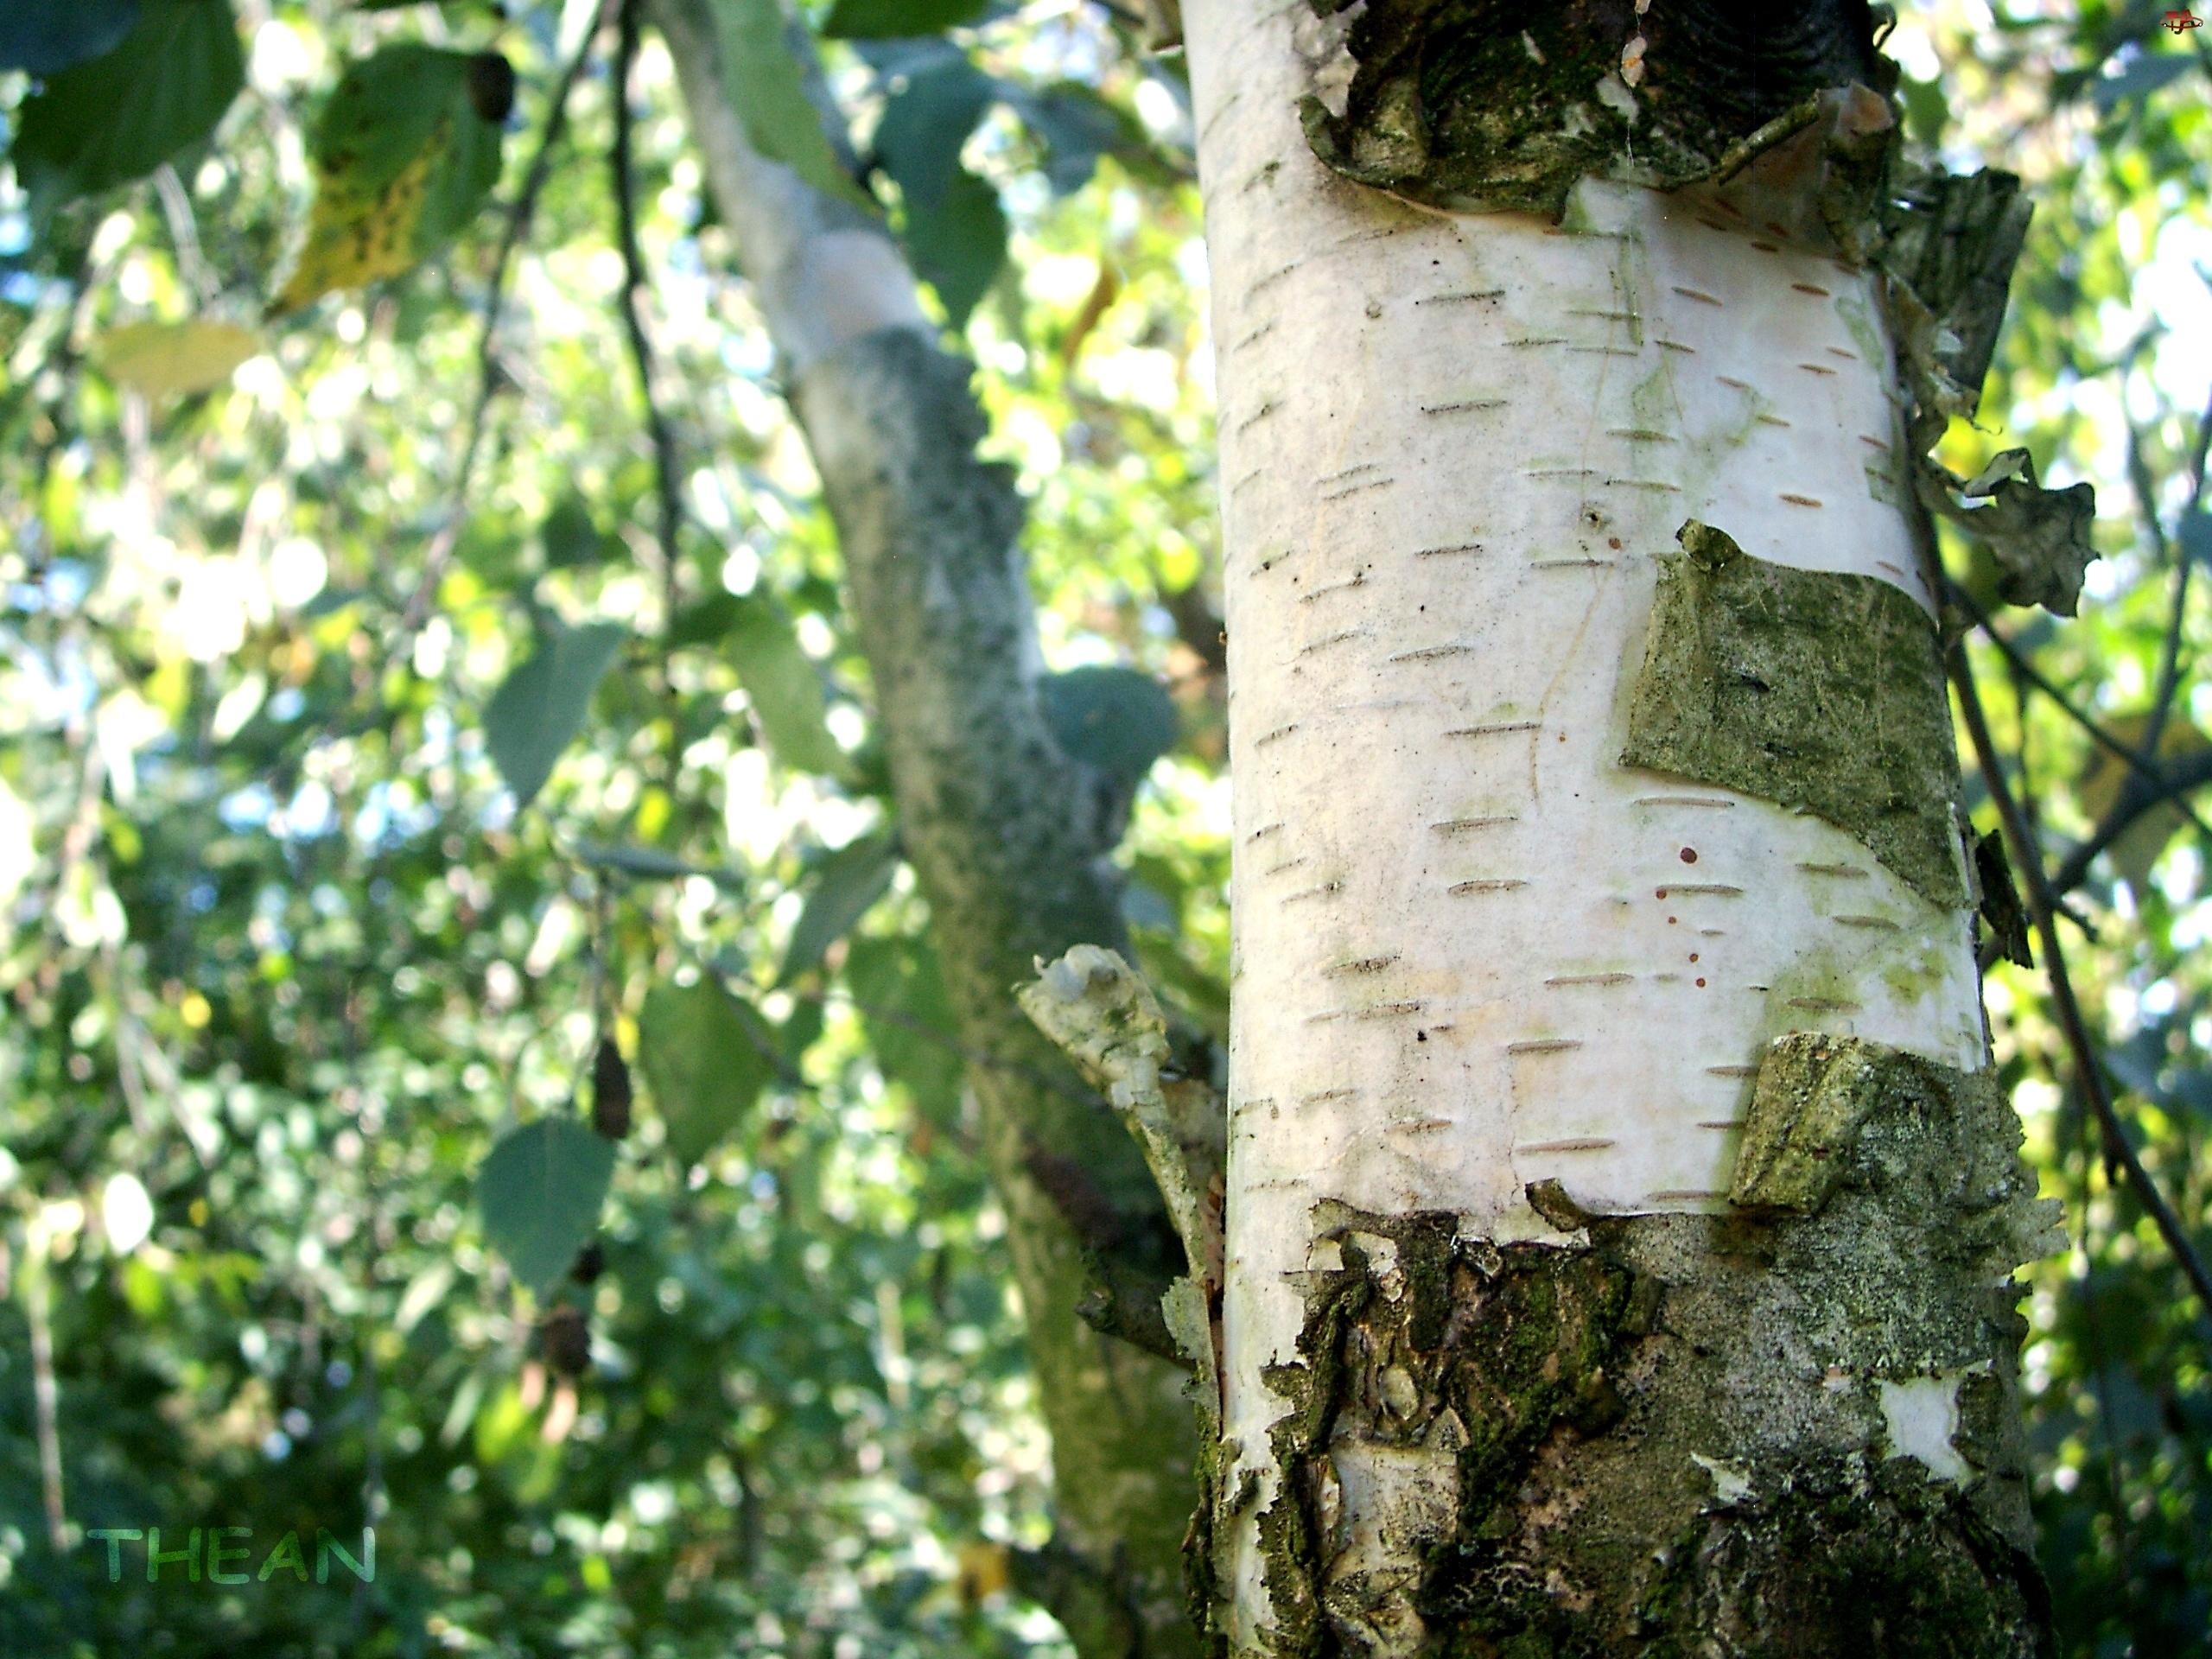 Kora, Brzoza, Drzewo